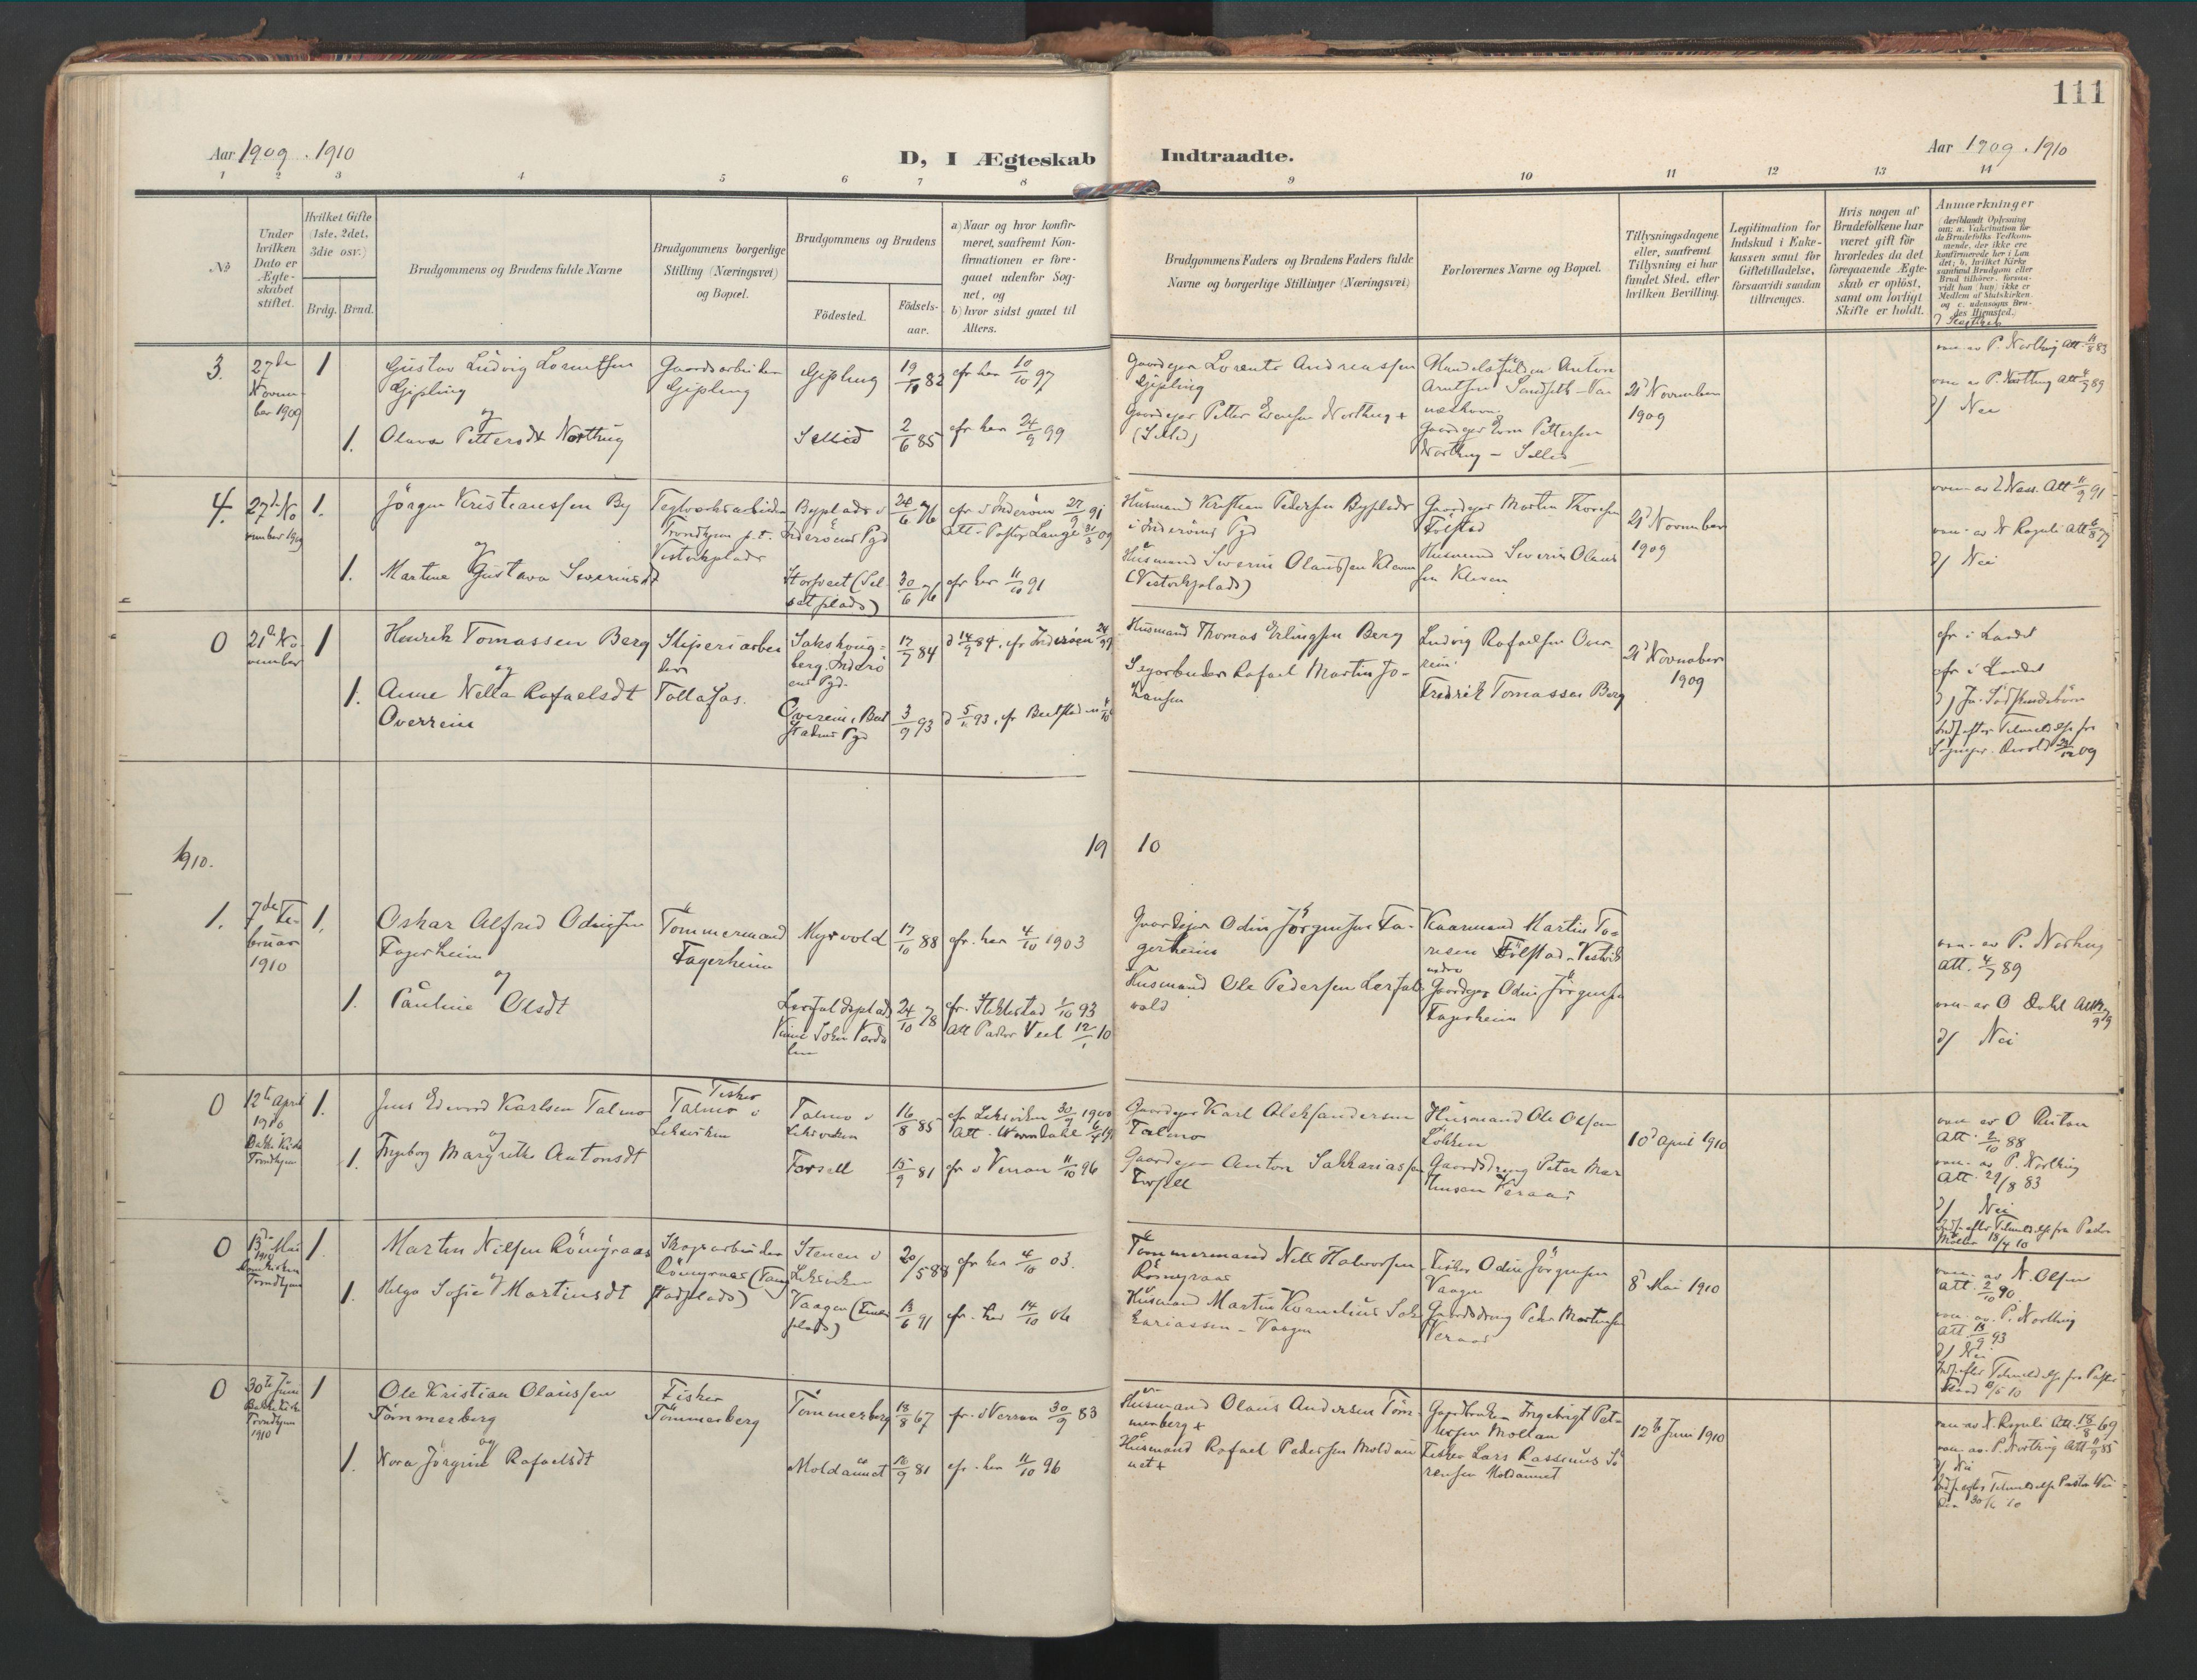 SAT, Ministerialprotokoller, klokkerbøker og fødselsregistre - Nord-Trøndelag, 744/L0421: Ministerialbok nr. 744A05, 1905-1930, s. 111